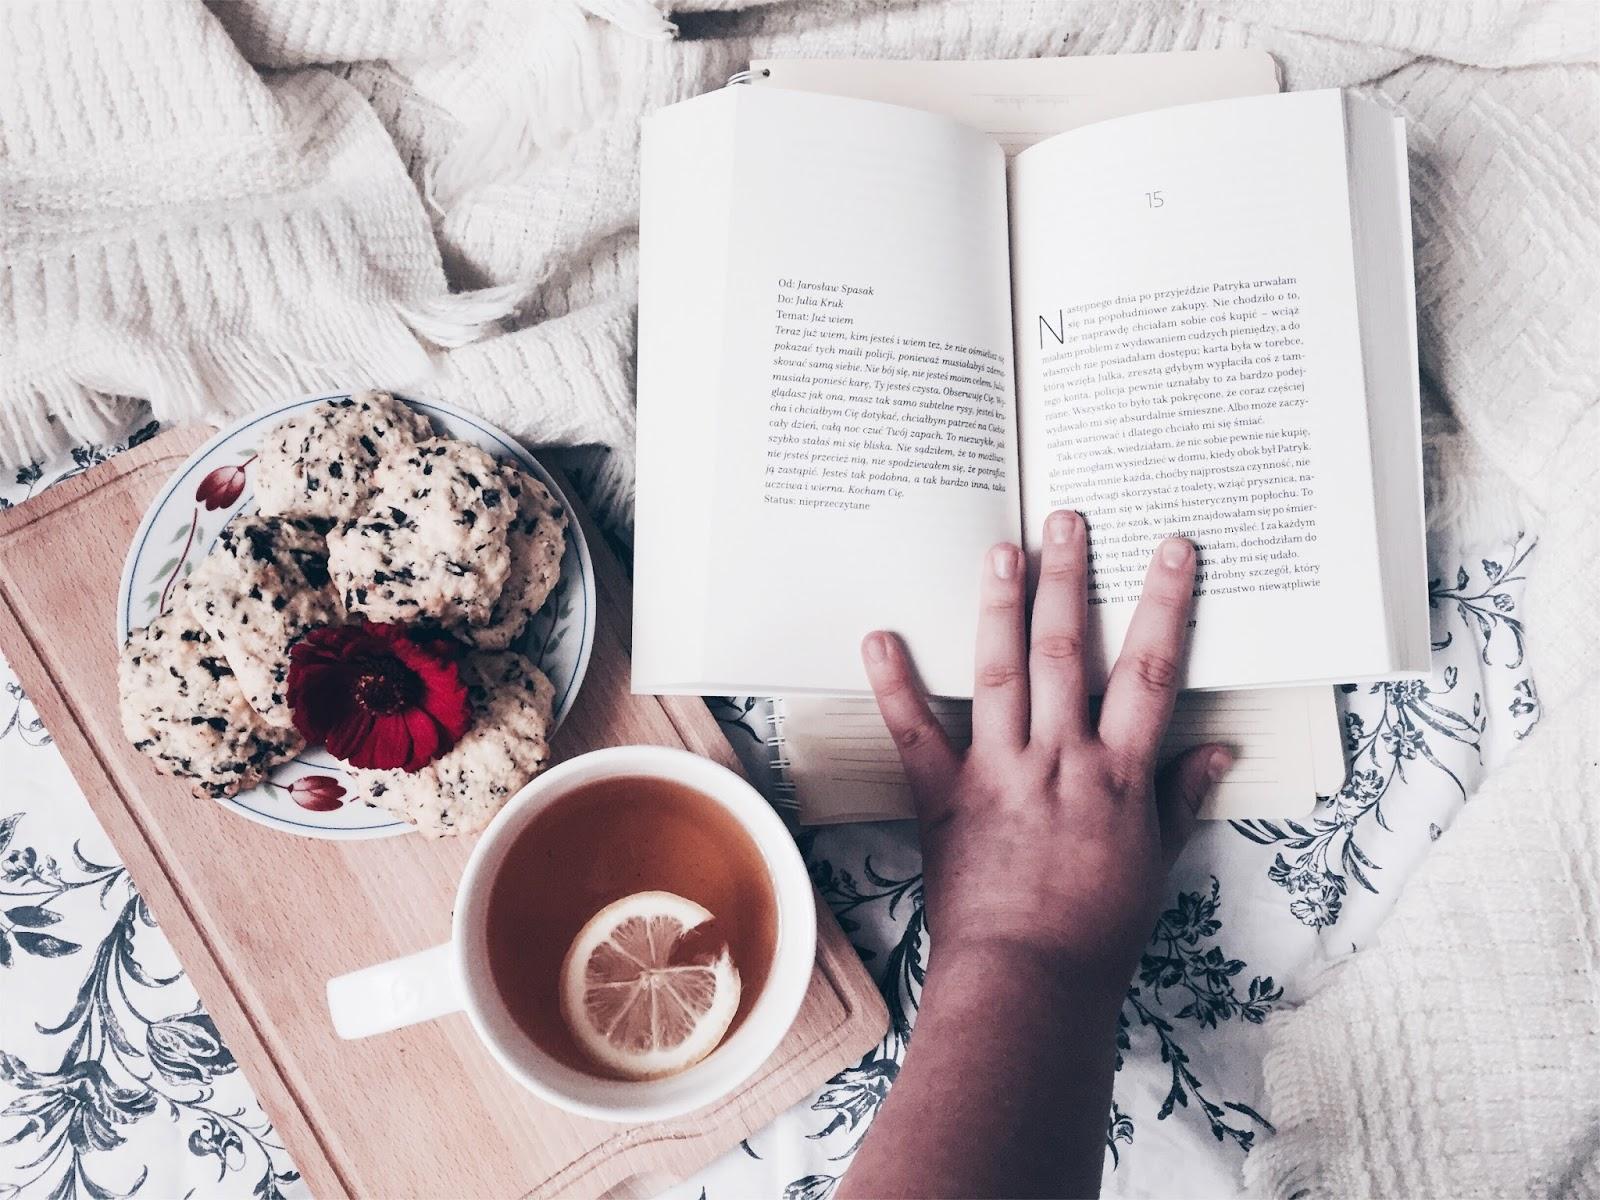 Najlepsze książki przeczytane w 2016 roku